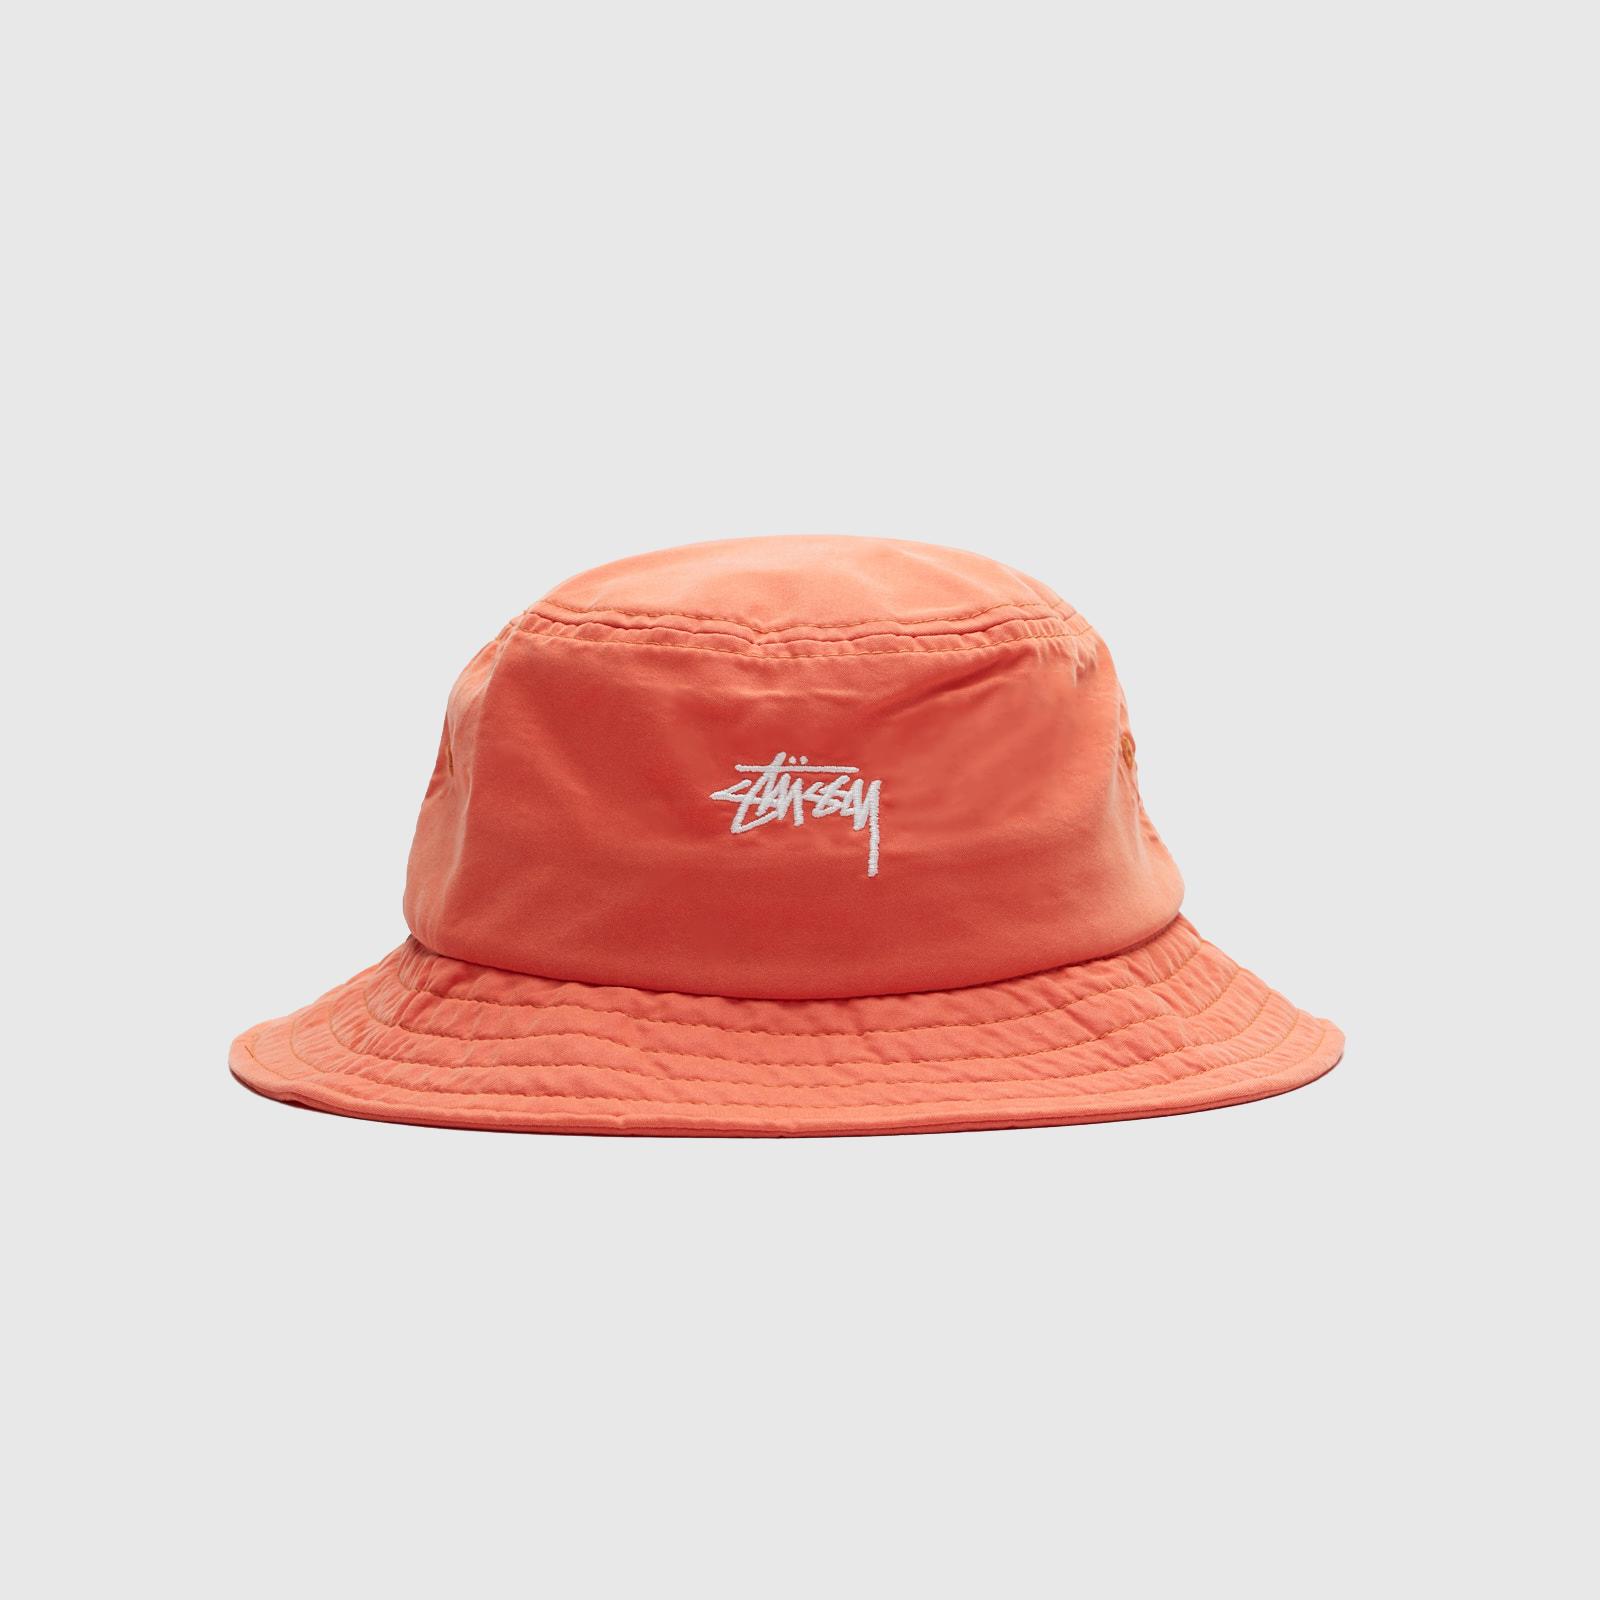 a7aca8b581e Stussy Stock Bucket Hat - 132885-0602 - Sneakersnstuff